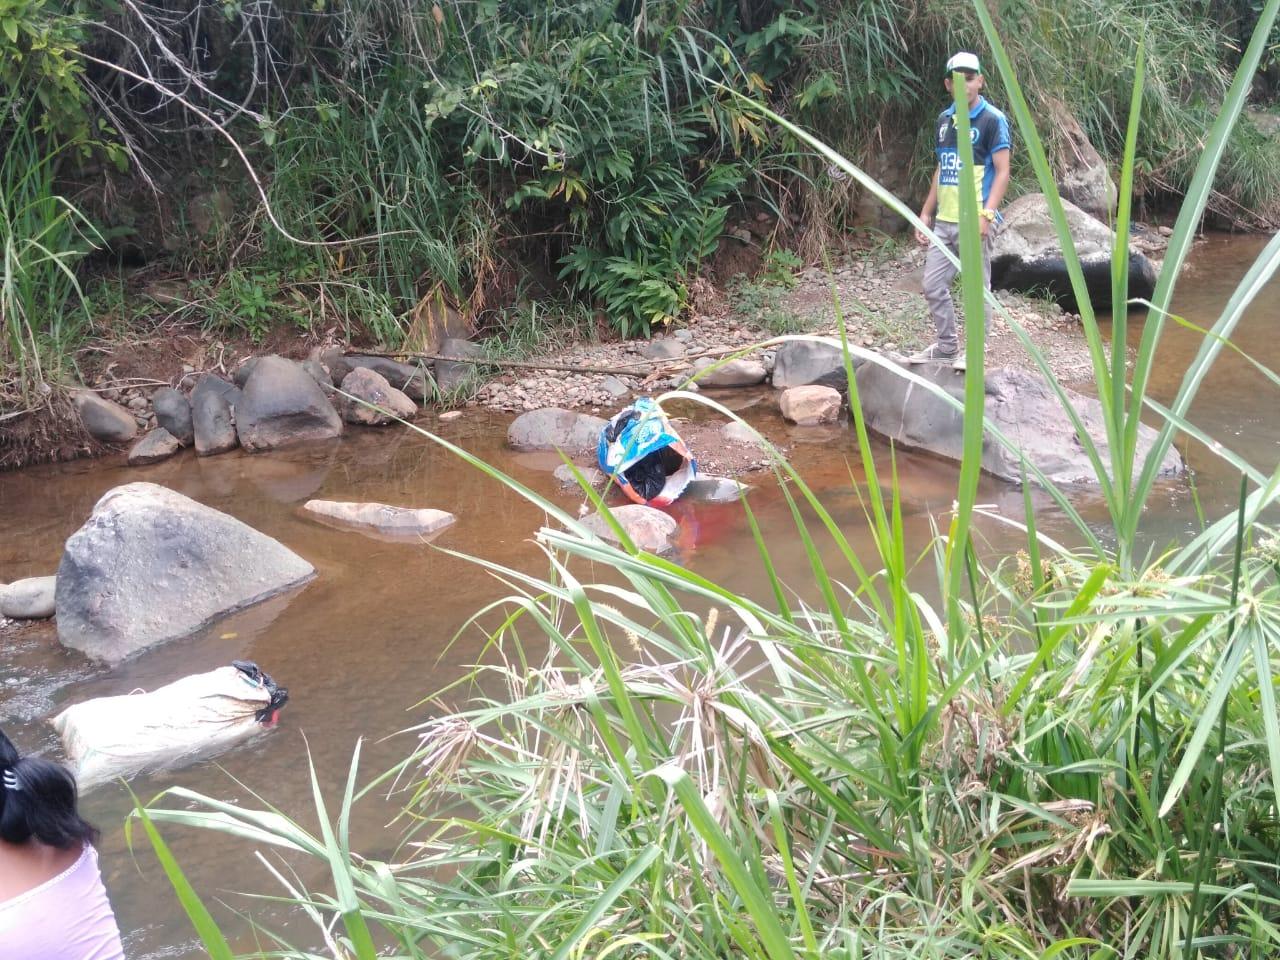 Hallan dos cuerpos desmembrados en La Buitrera zona rural de Cali